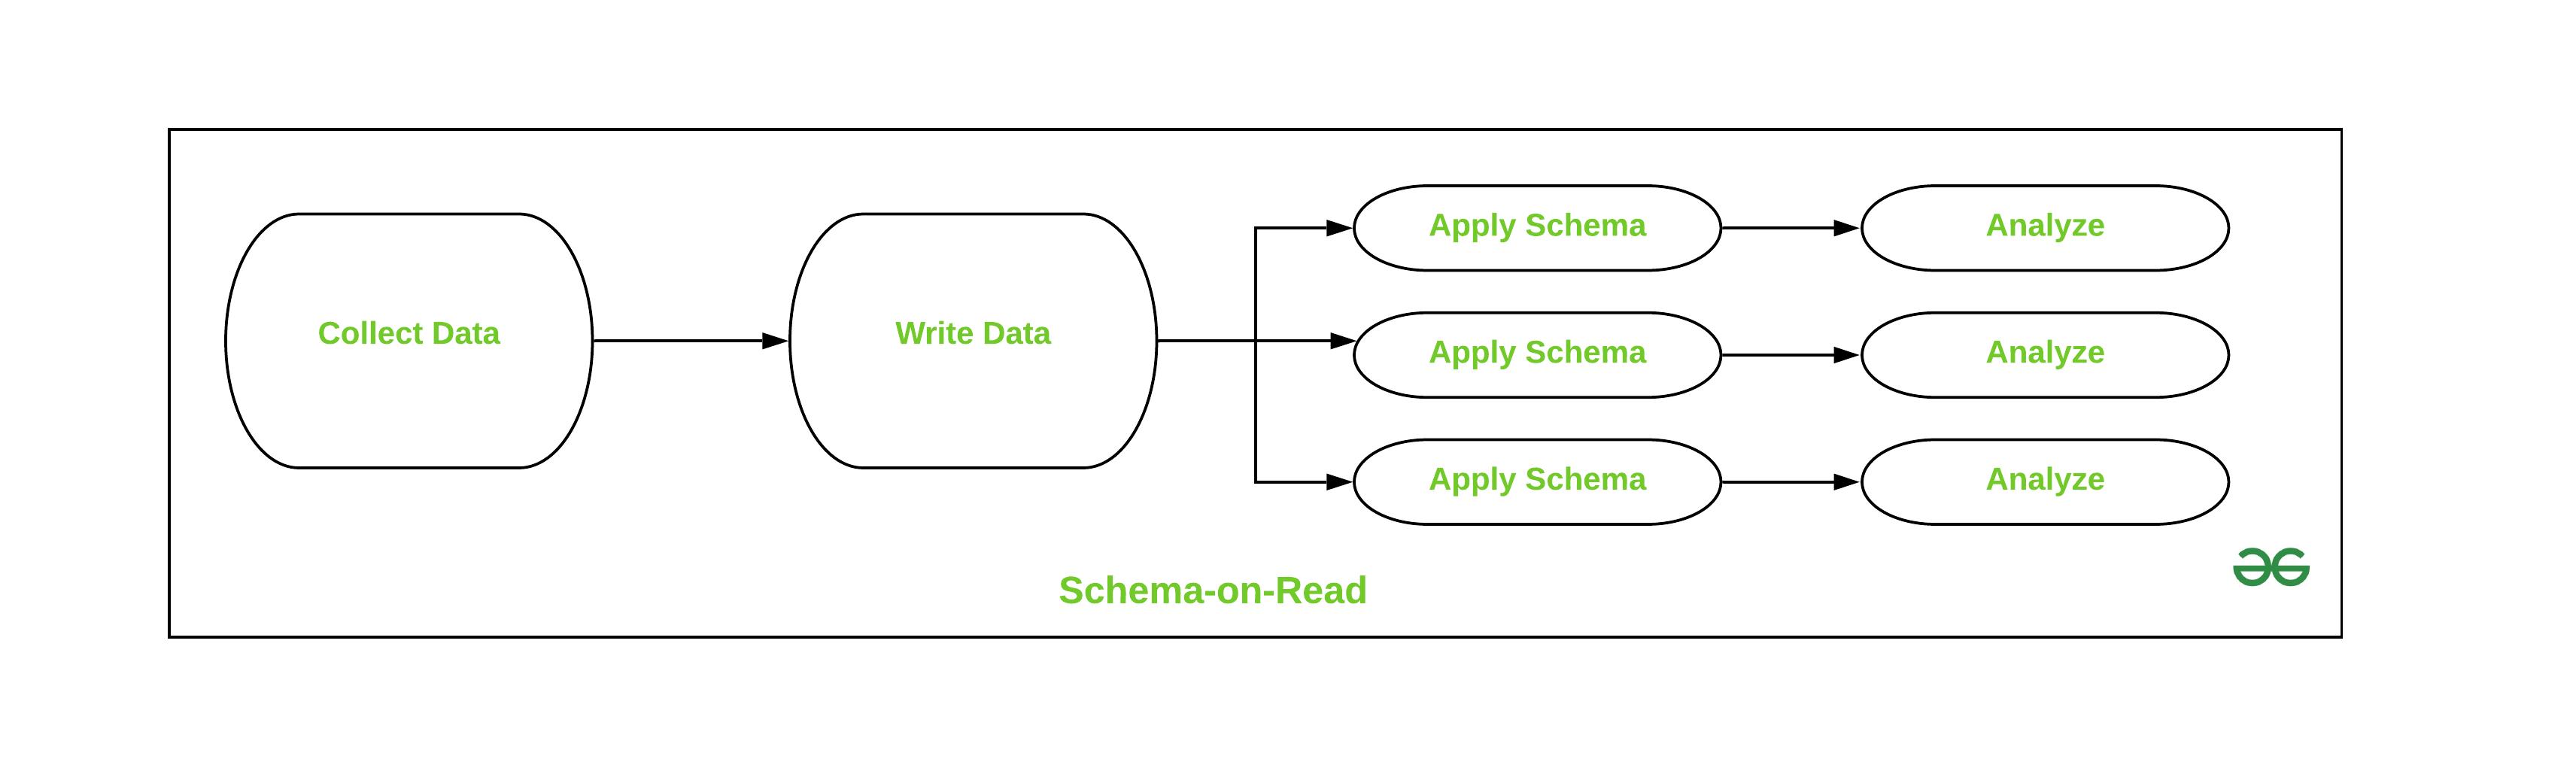 Schema on-Read